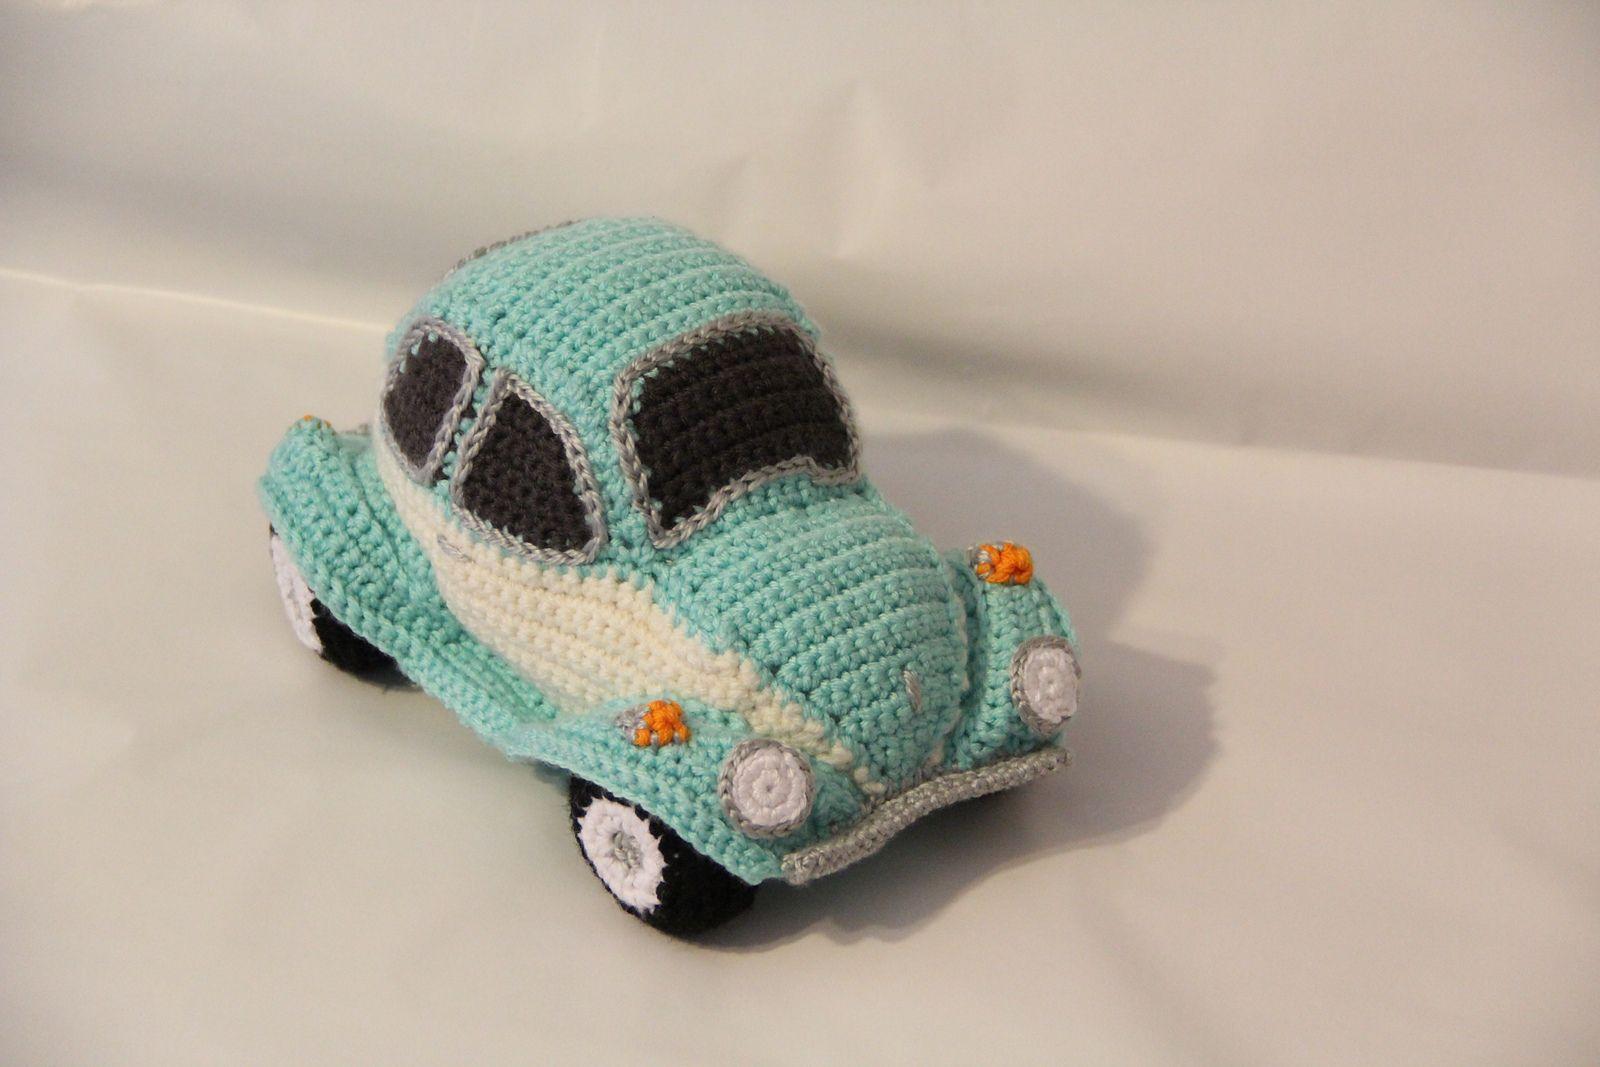 Ravelry Hug A Bug Cuddly Crocheted Car Pattern By Tracy Harrison Snuginadub